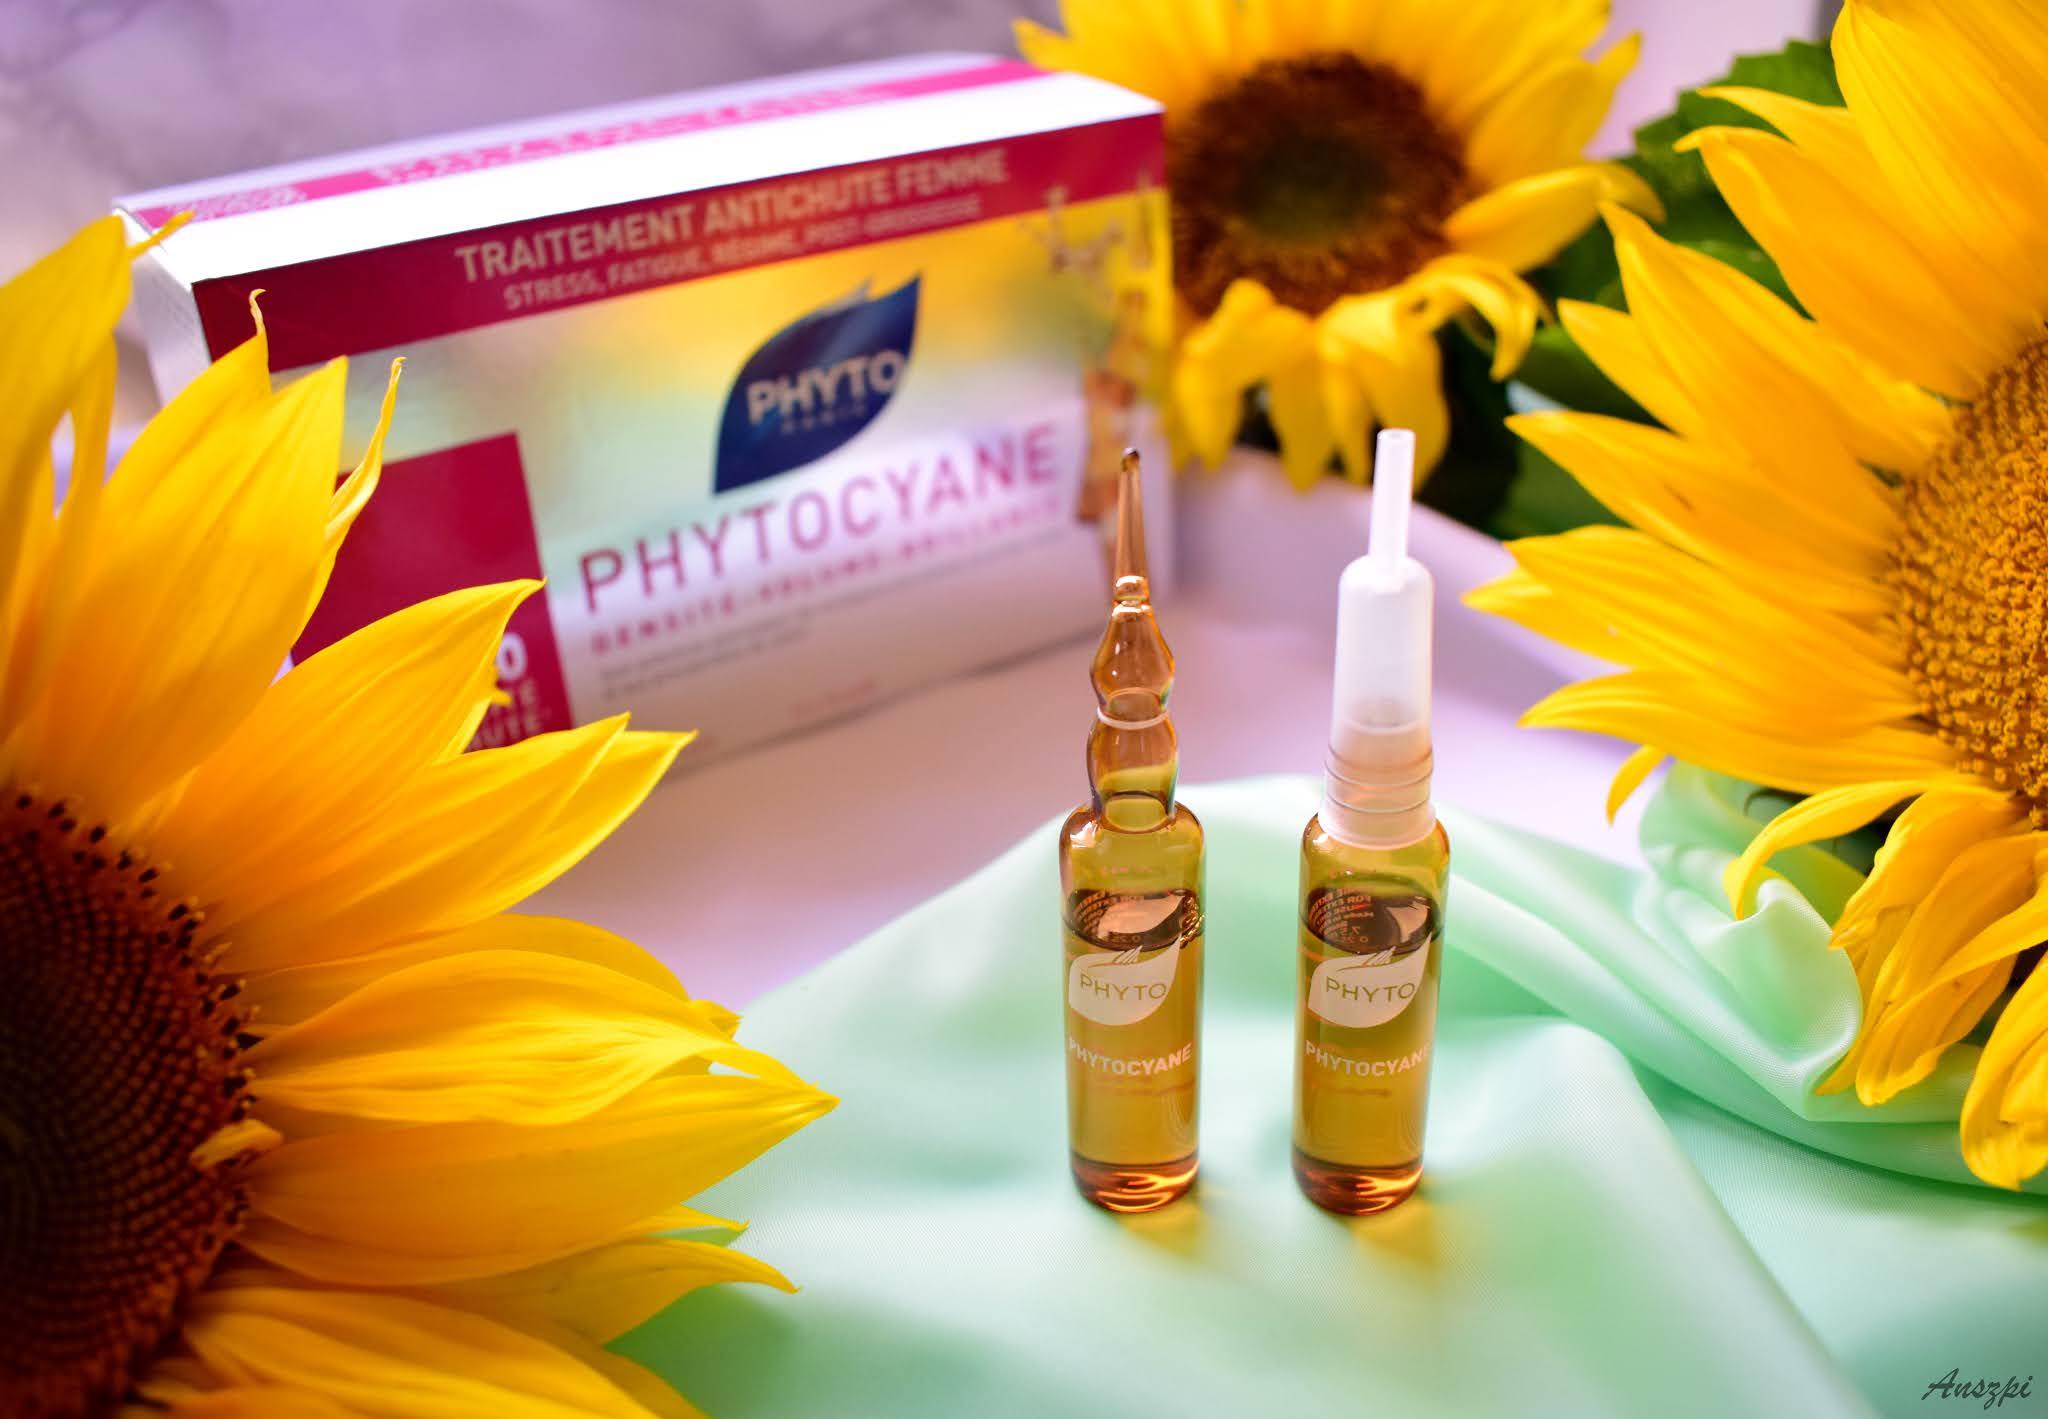 Rewitalizujące ampułki przeciw wypadaniu włosów Phytocyane